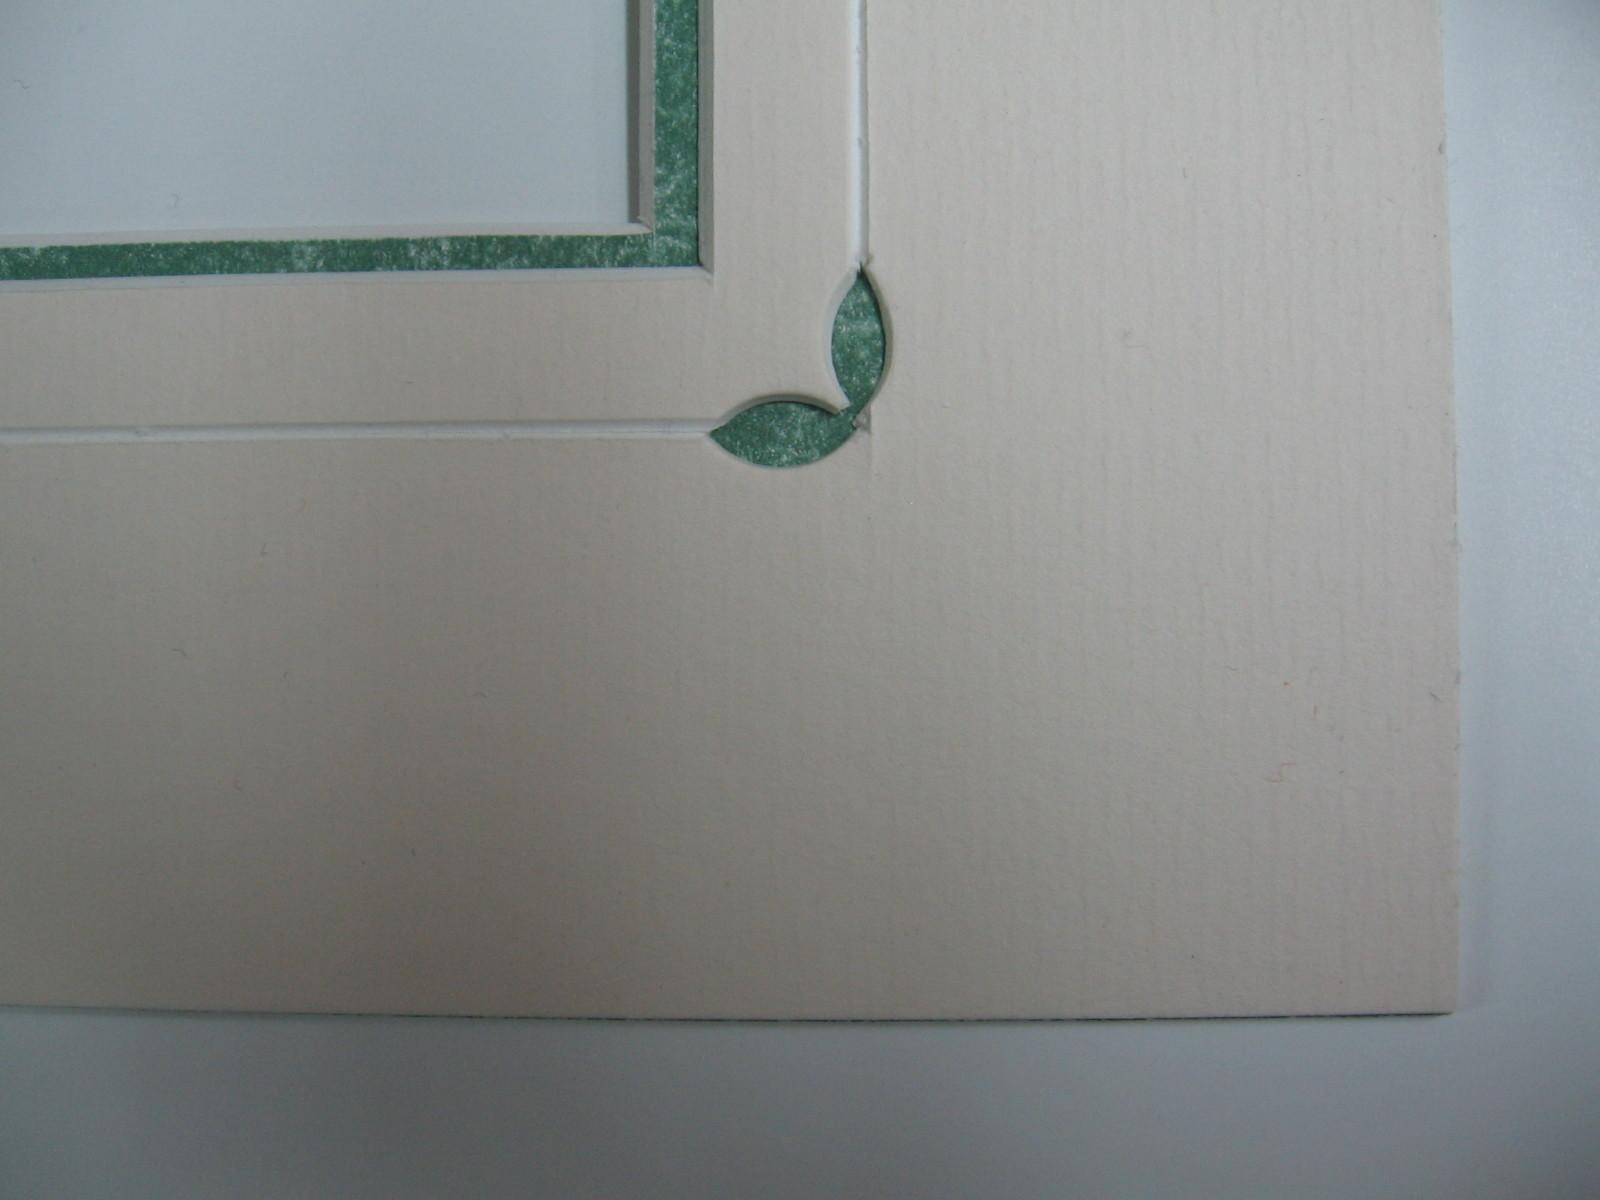 Particolare di un intarsio con un passepartout in cartoncino chiaro da cui ne traspare un altro in verde marmorizzato.